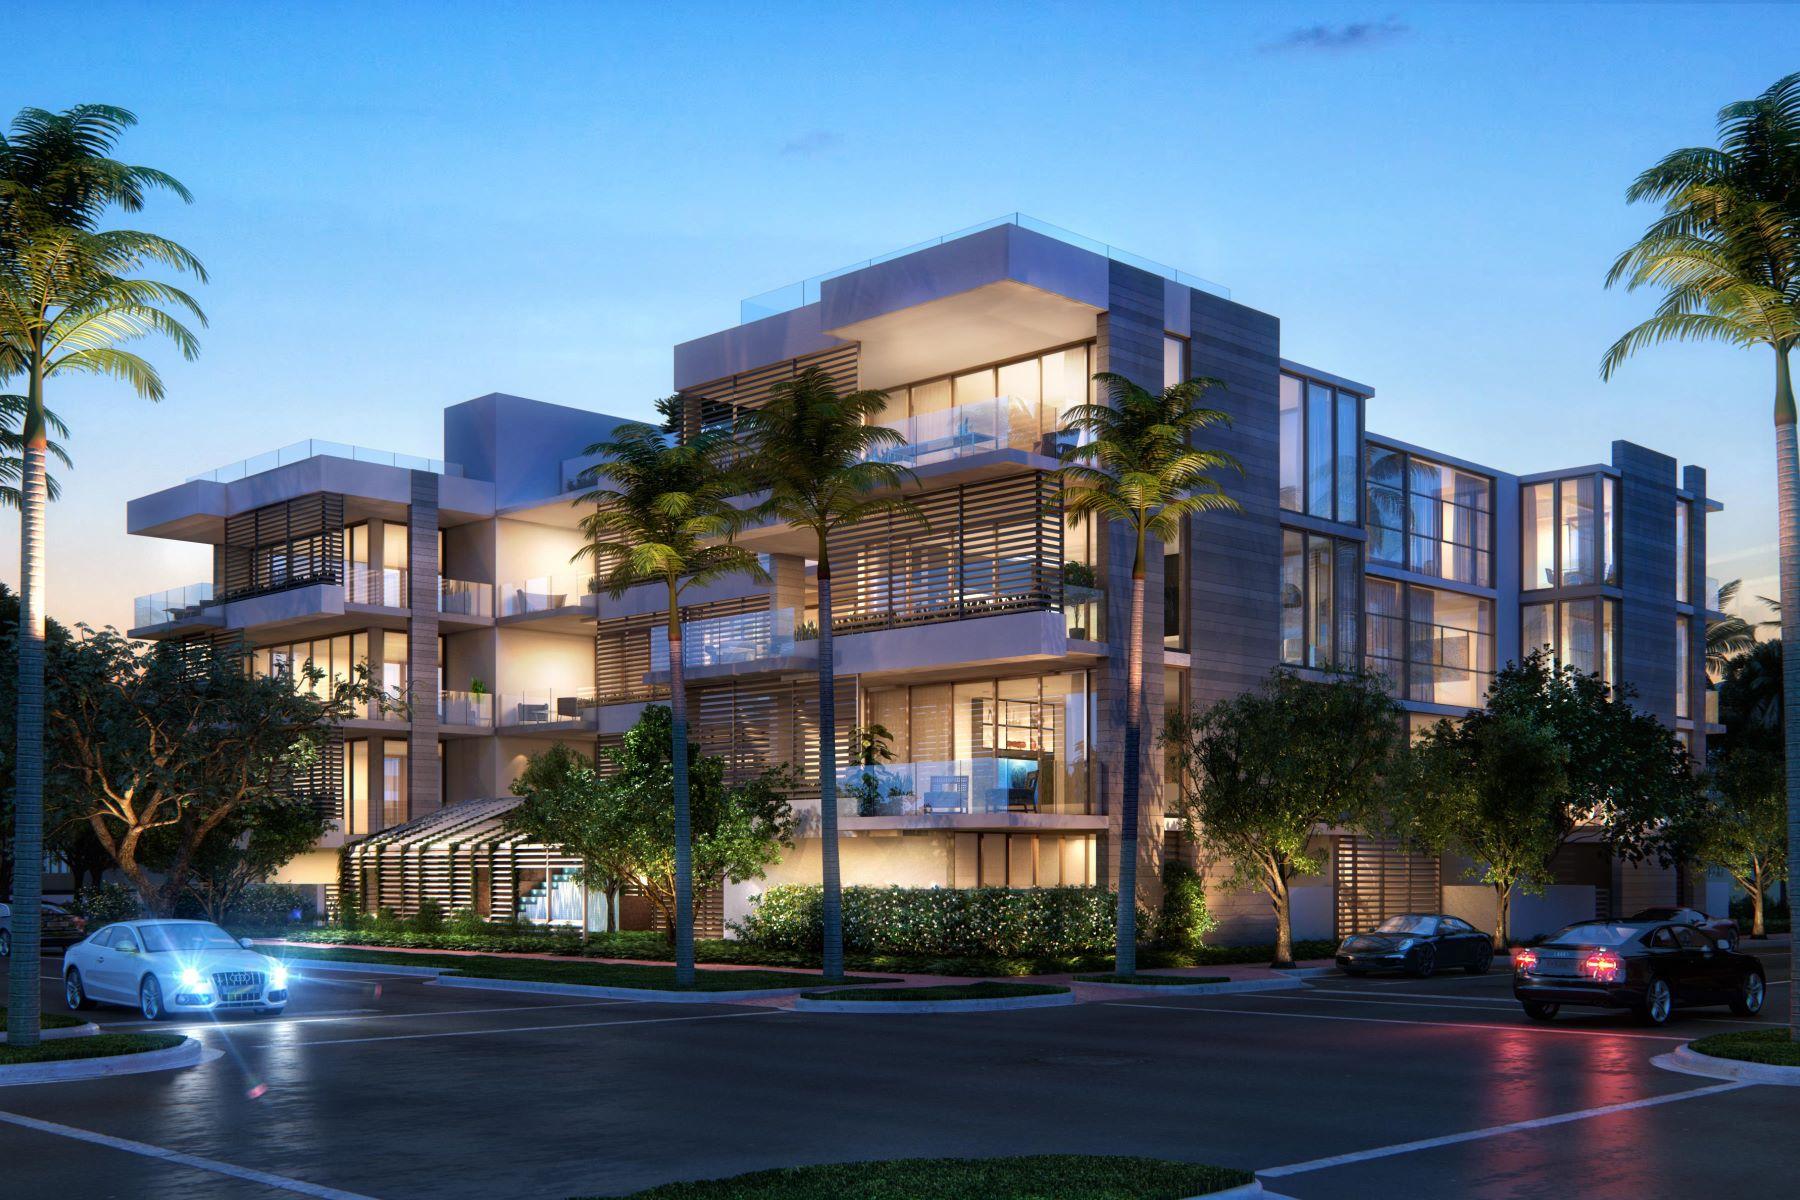 Кондоминиум для того Продажа на 311 MERIDIAN AVE # 301 311 Meridian Ave 301 Miami Beach, Флорида, 33139 Соединенные Штаты